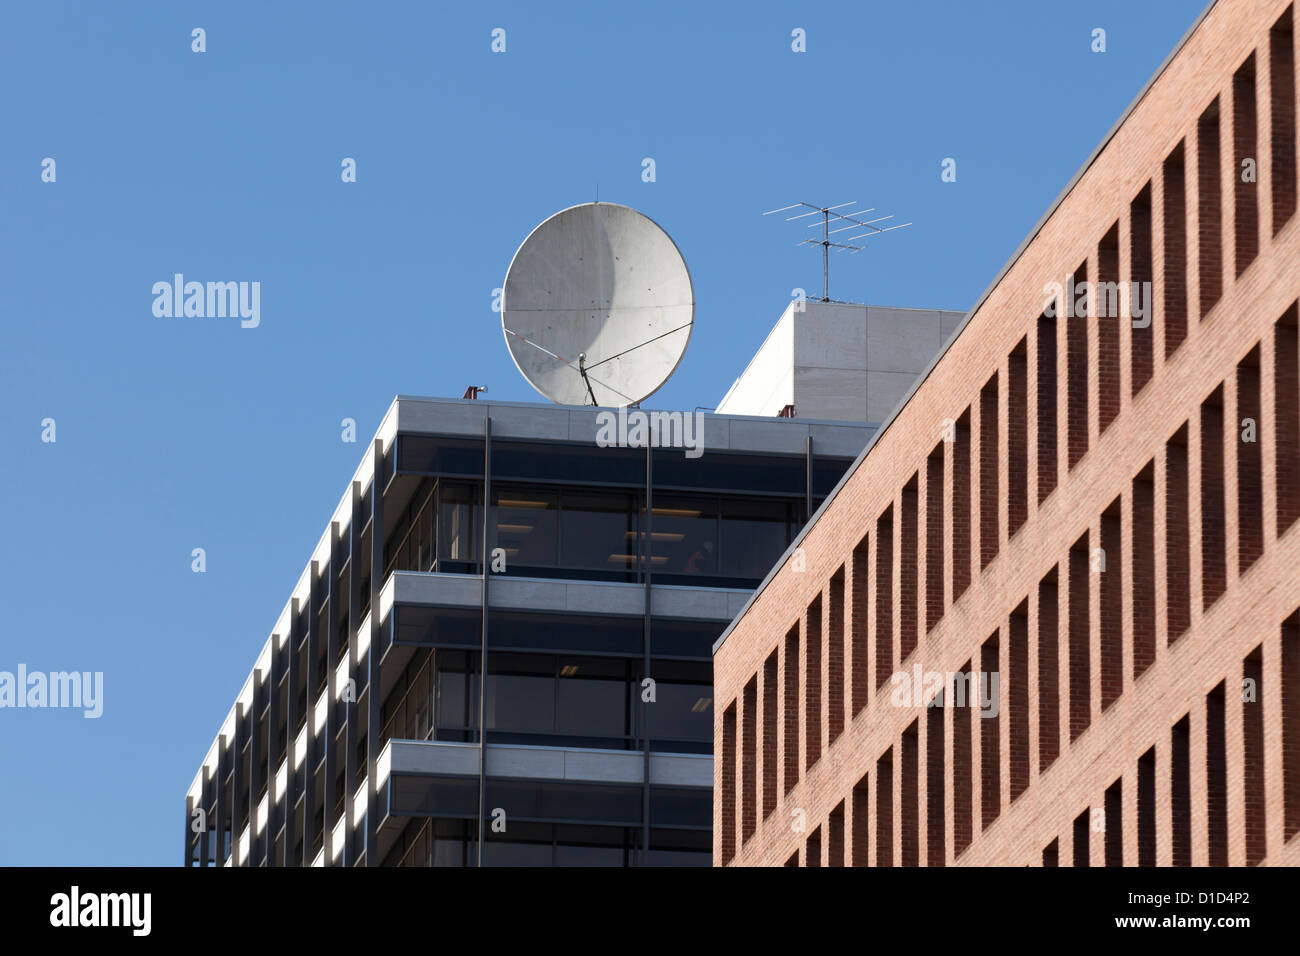 Antenne satellite de communications, au-dessus du bâtiment Photo Stock